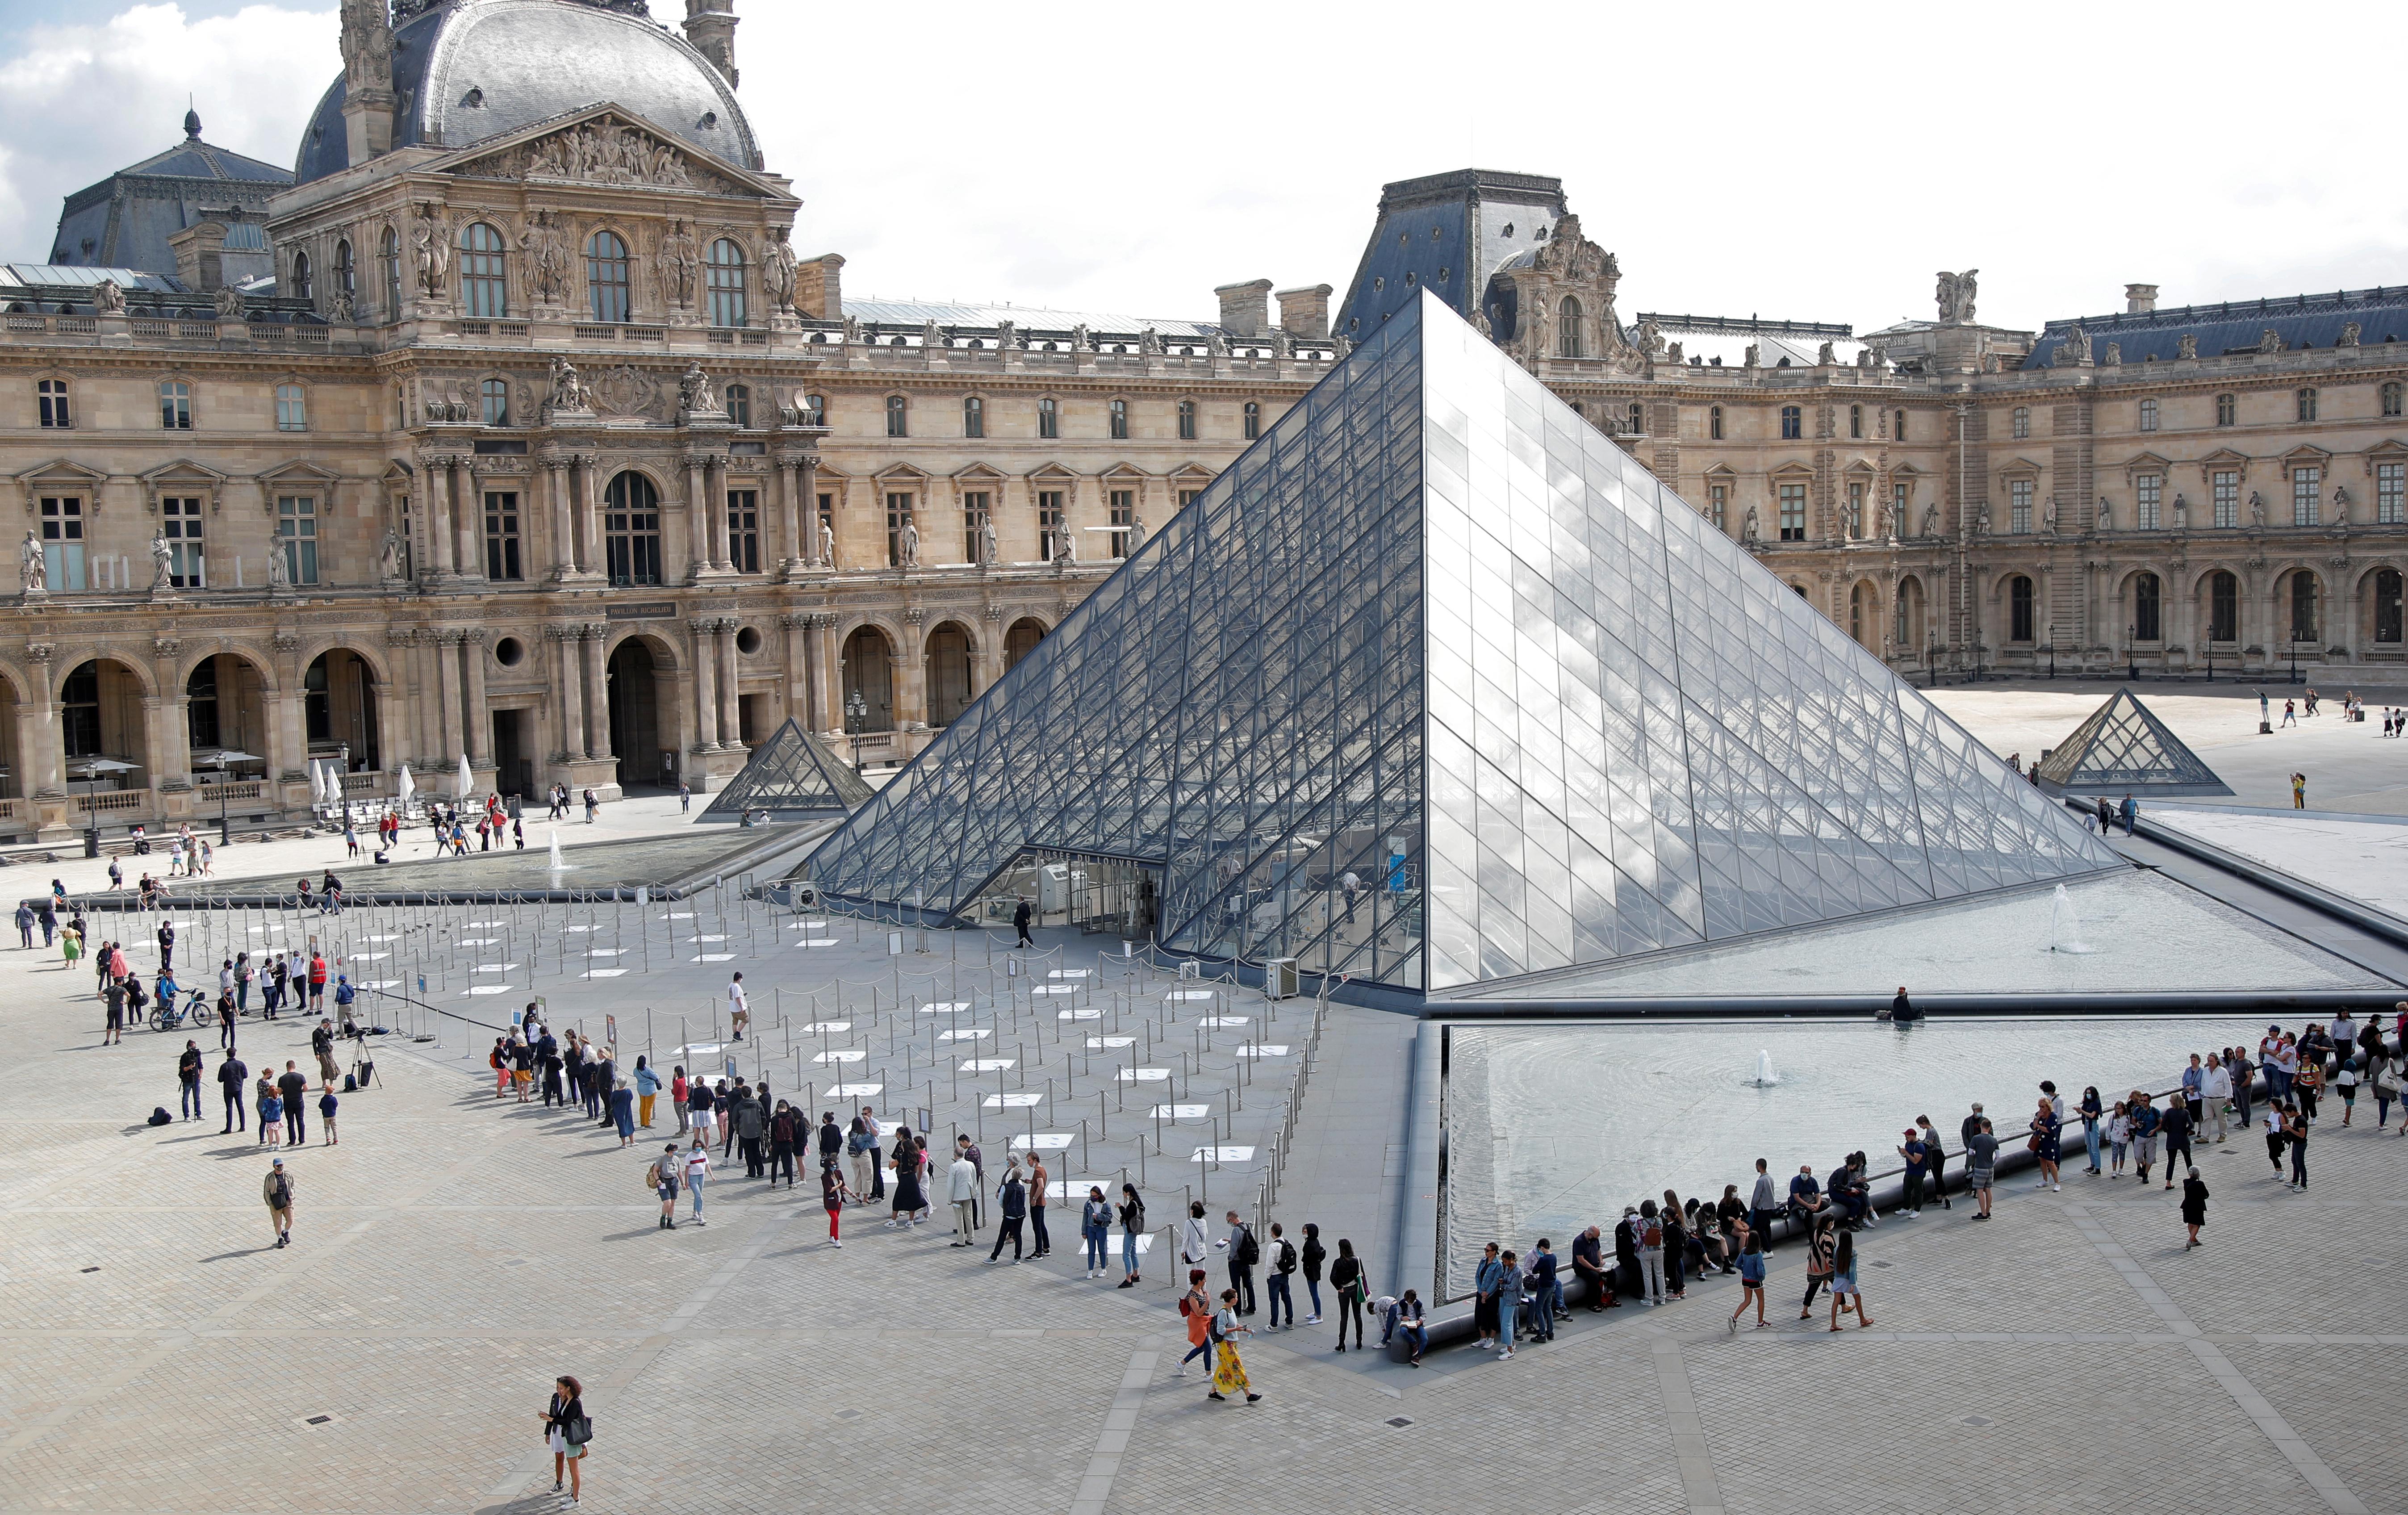 Antes de la pandemia, la mayoría de los visitantes en el que era el museo más visitado del mundo llegaban del extranjero, liderados por viajeros de Estados Unidos.(REUTERS/Charles Platiau)